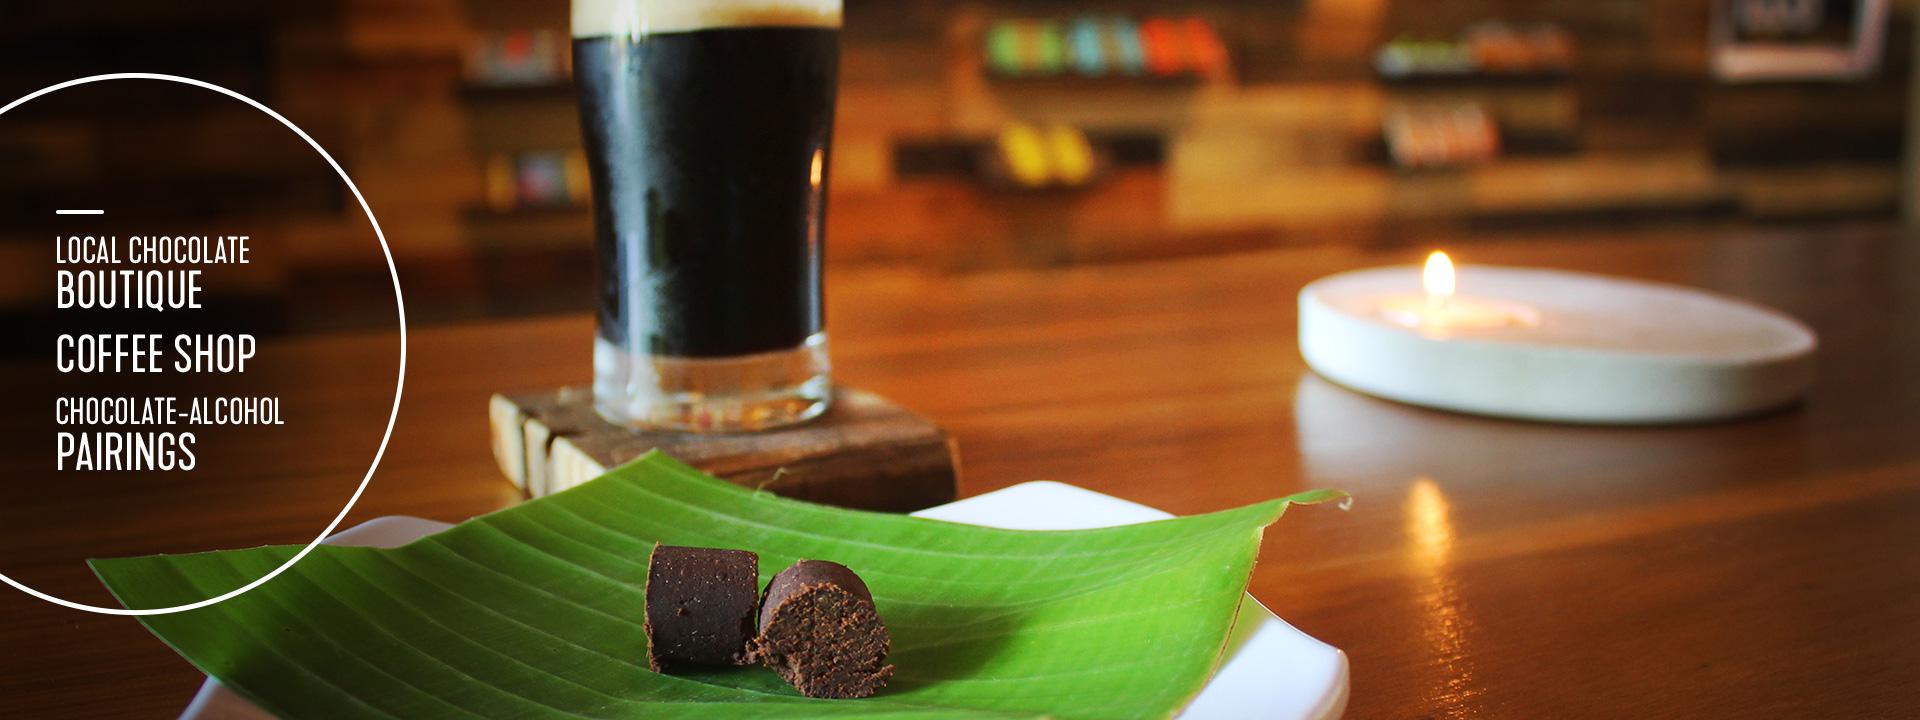 Choco - Chocolate Store Costa Rica